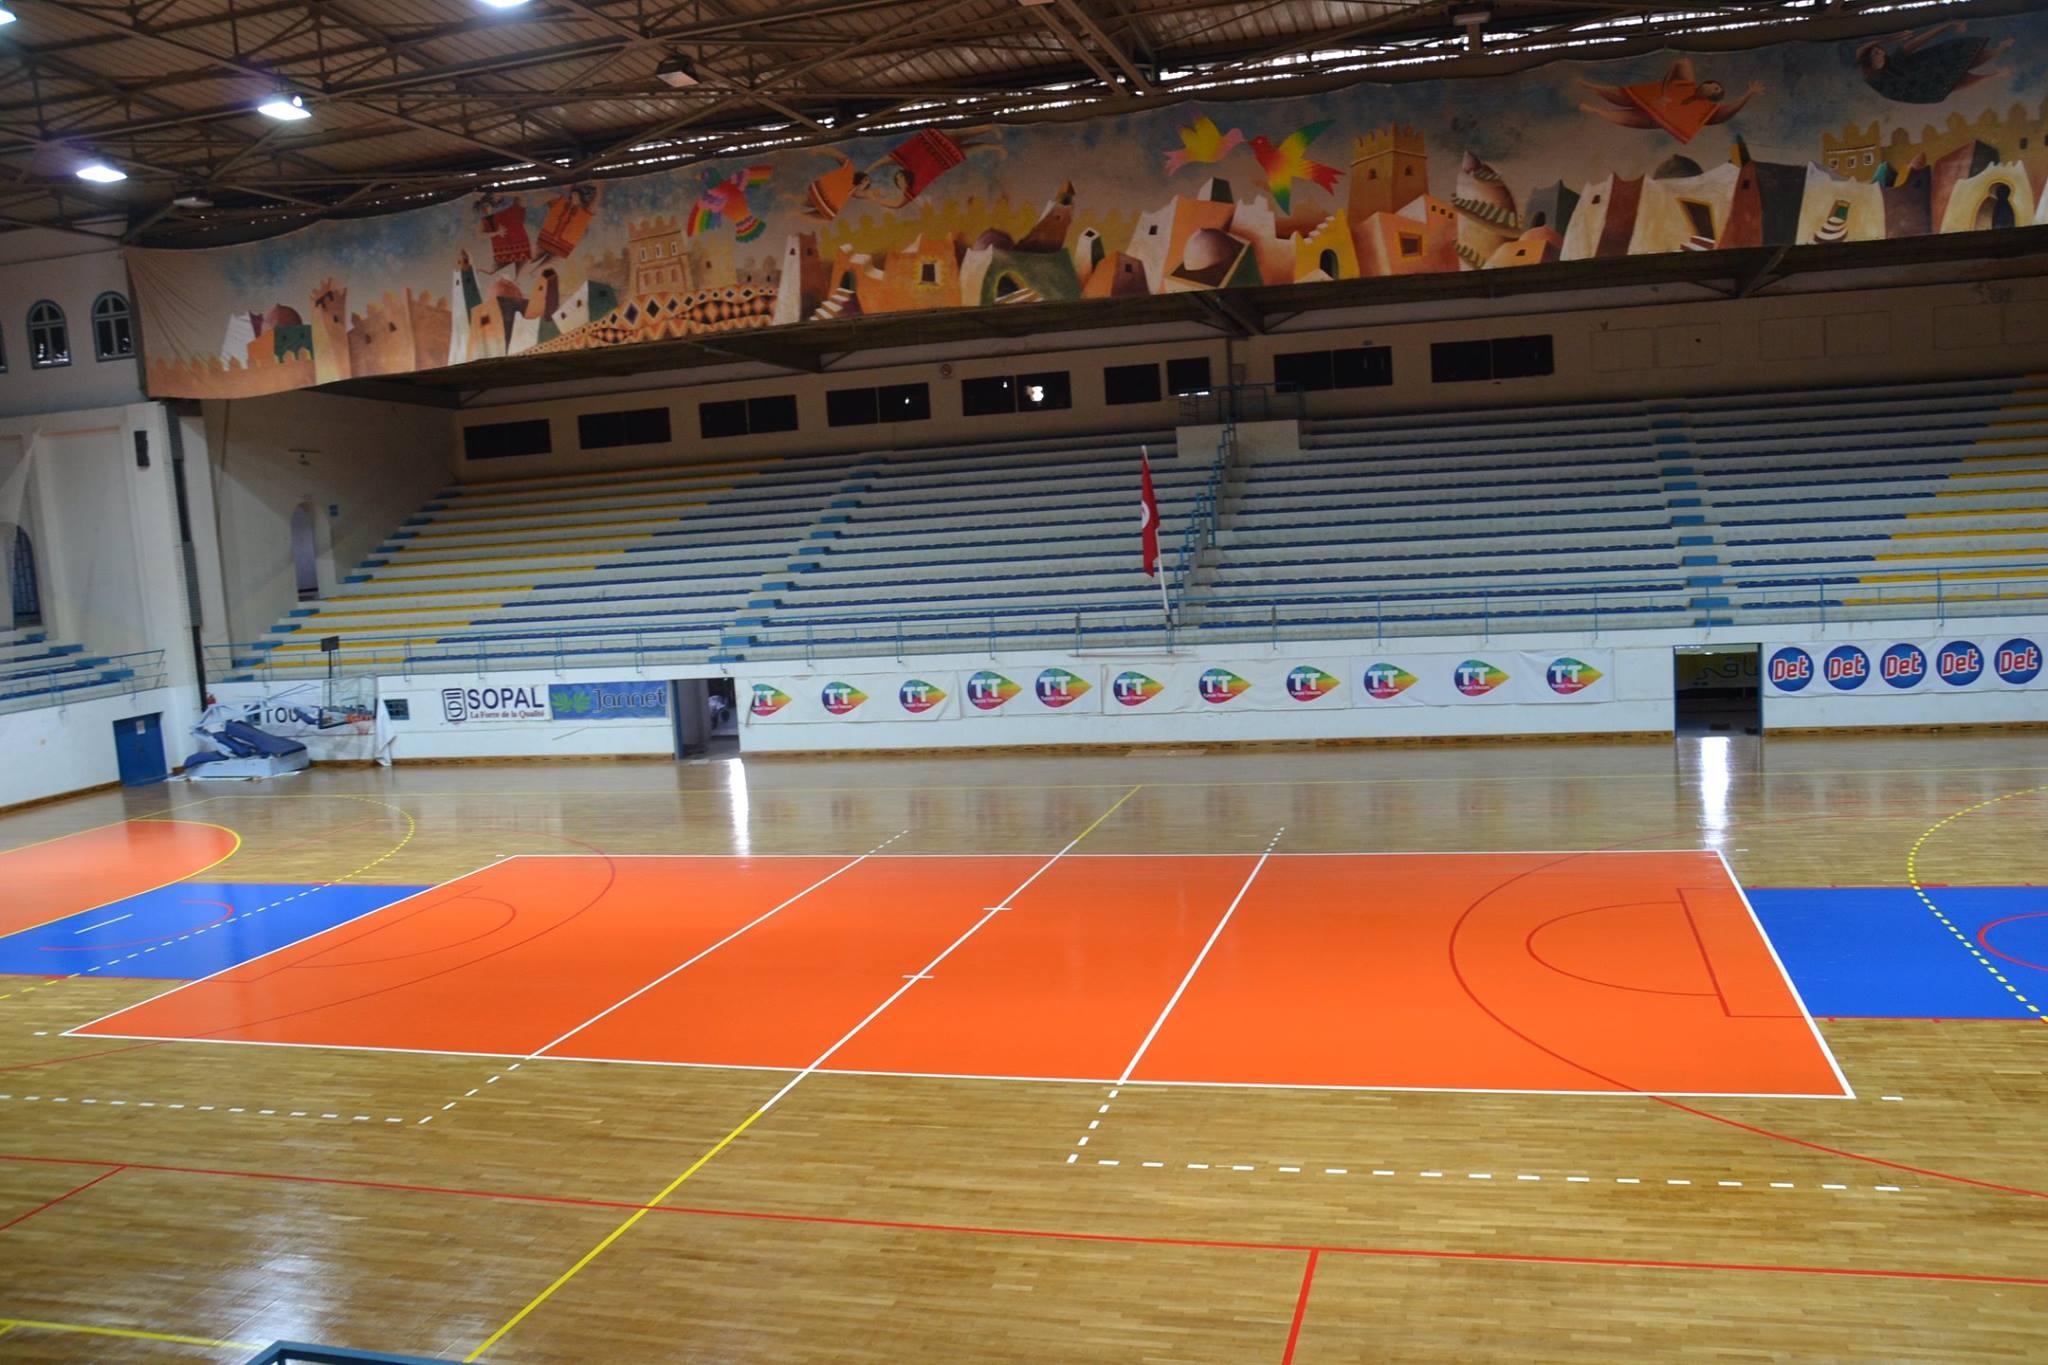 صفاقس - القاعة الرياضية الرائد البجاوي